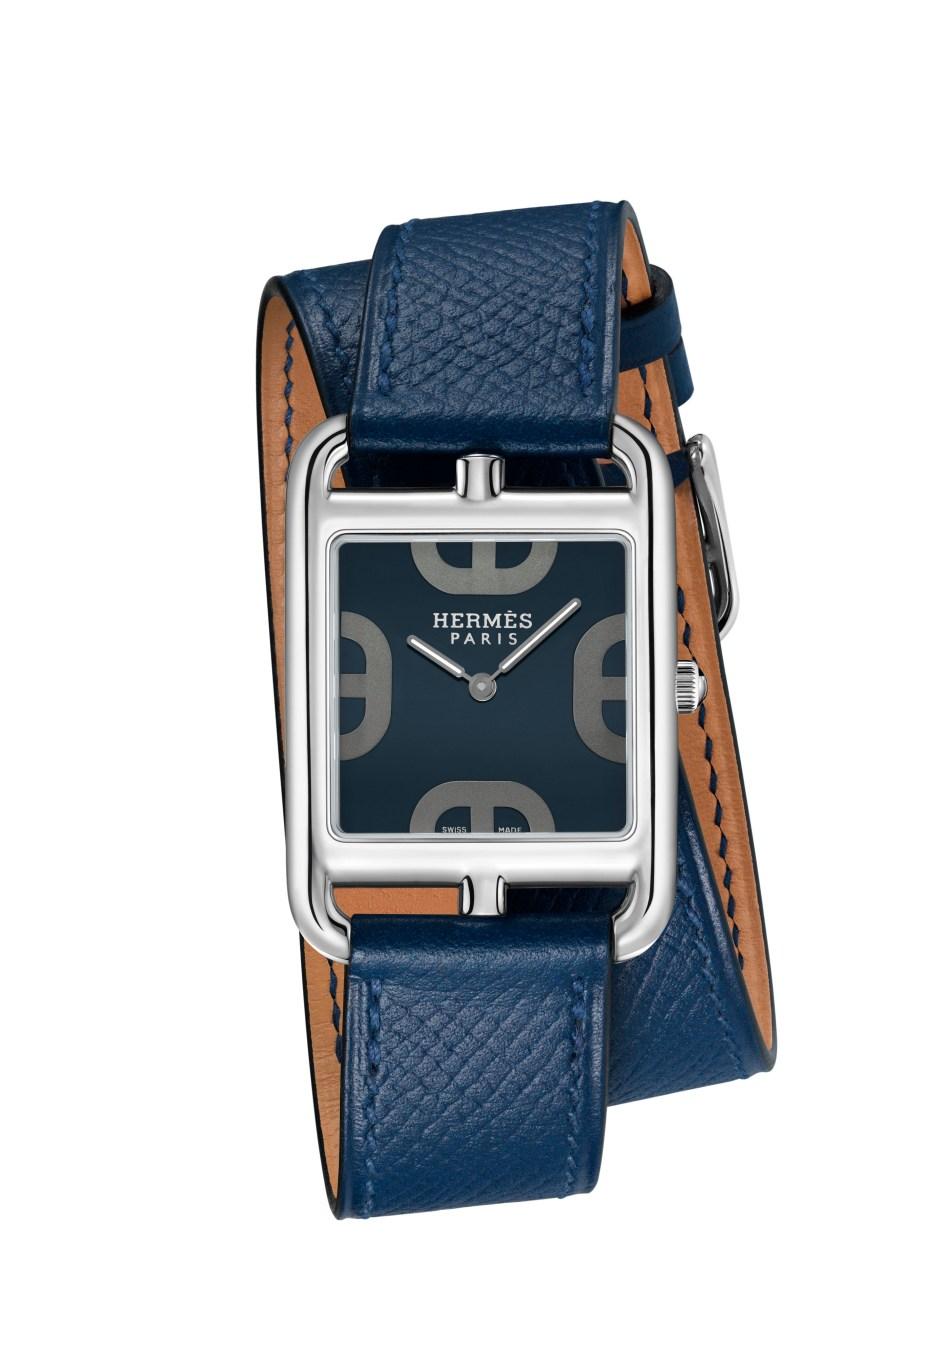 Cape Cod Maltese blue, large model, double strap bracelet